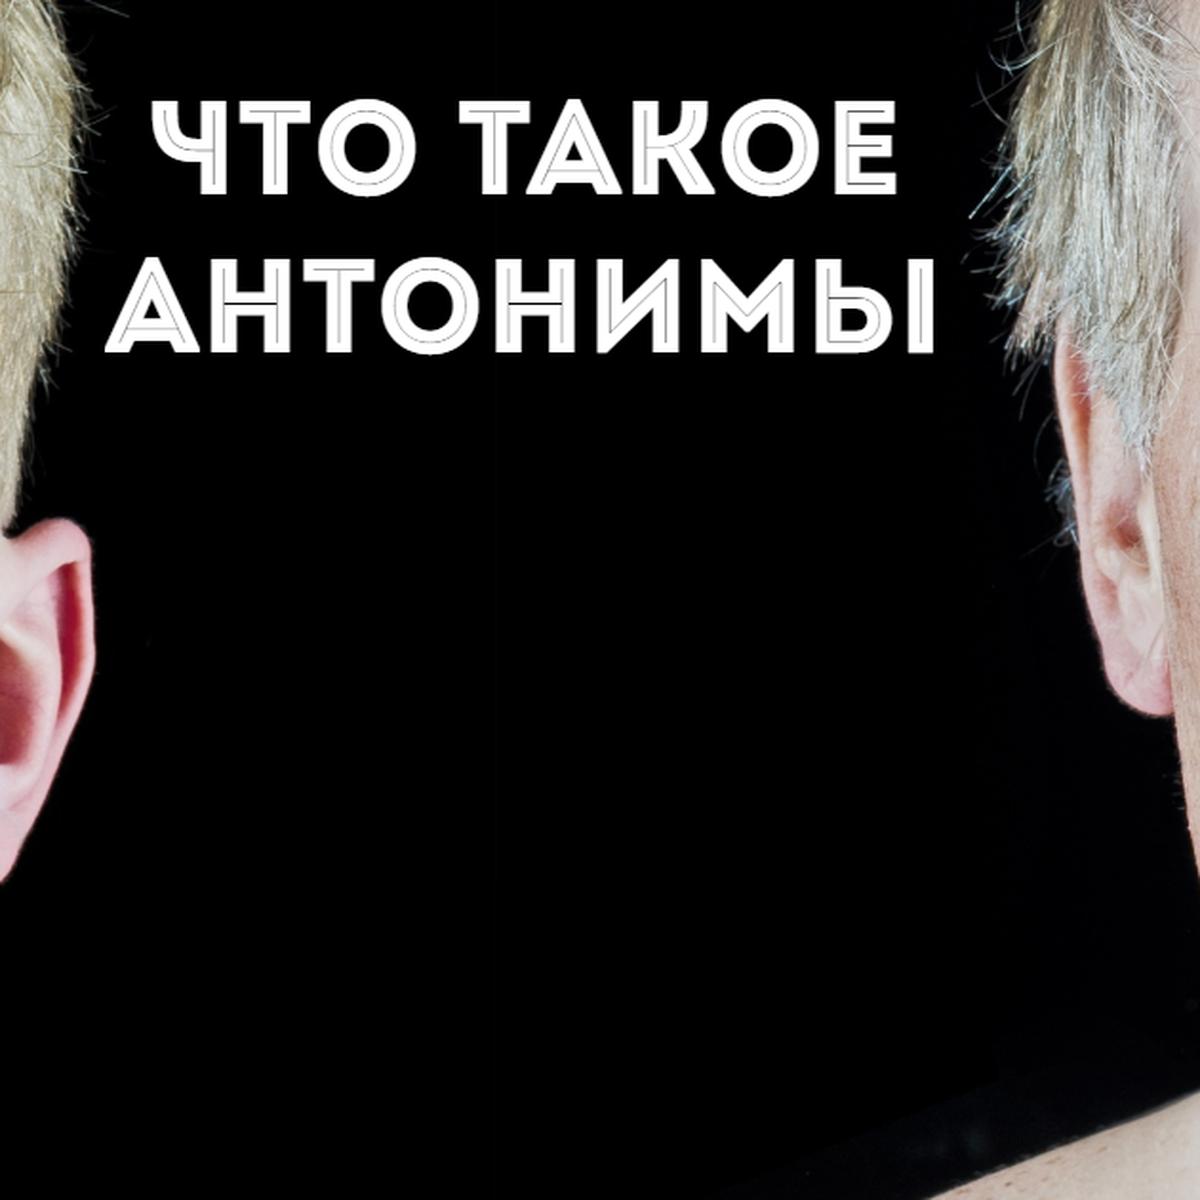 Антонимы - это... (100 примеров слов) - помощник для школьников спринт-олимпик.ру